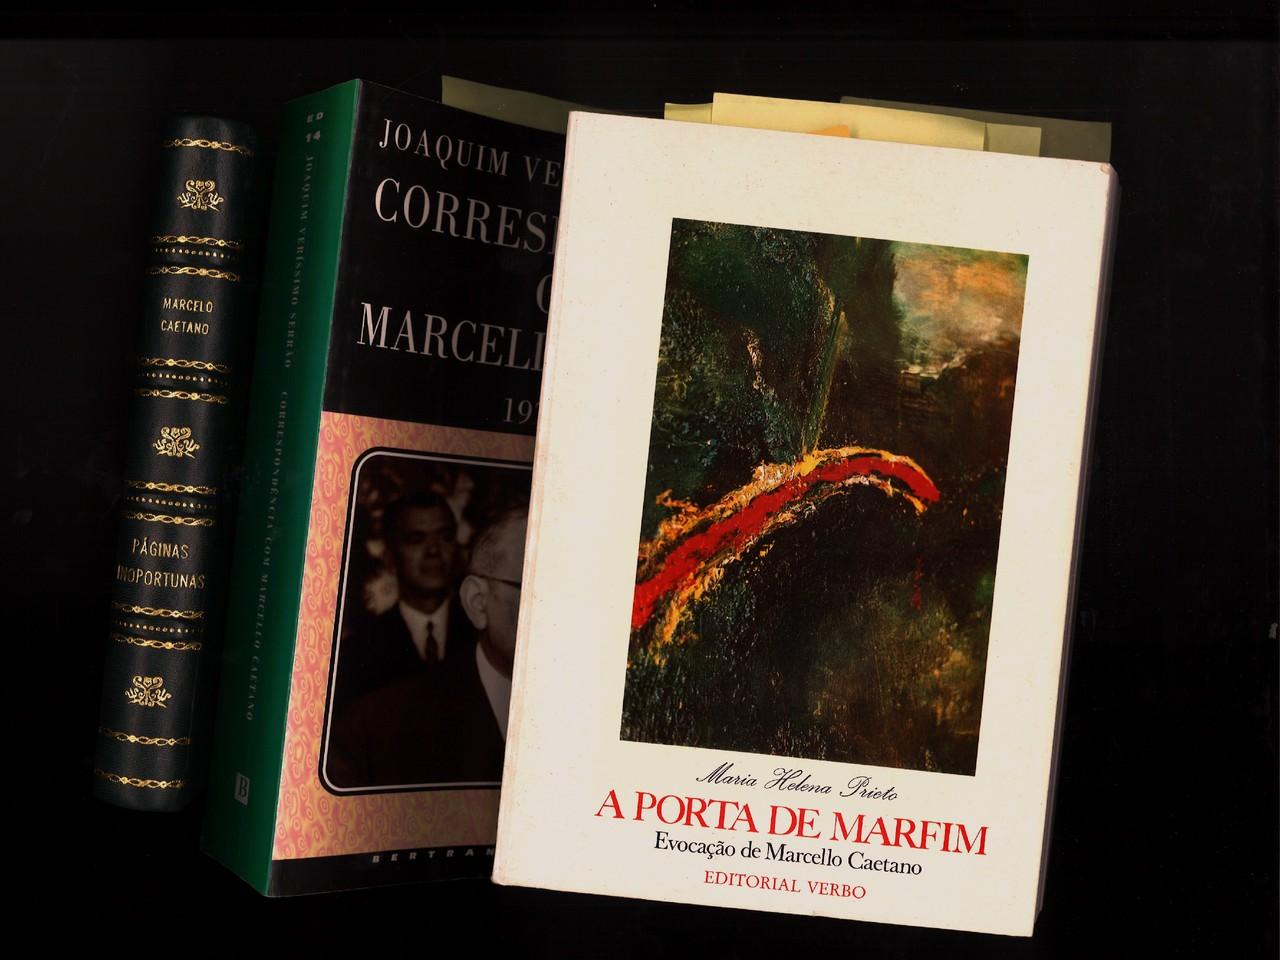 Livros (Marcello Caetano).jpg